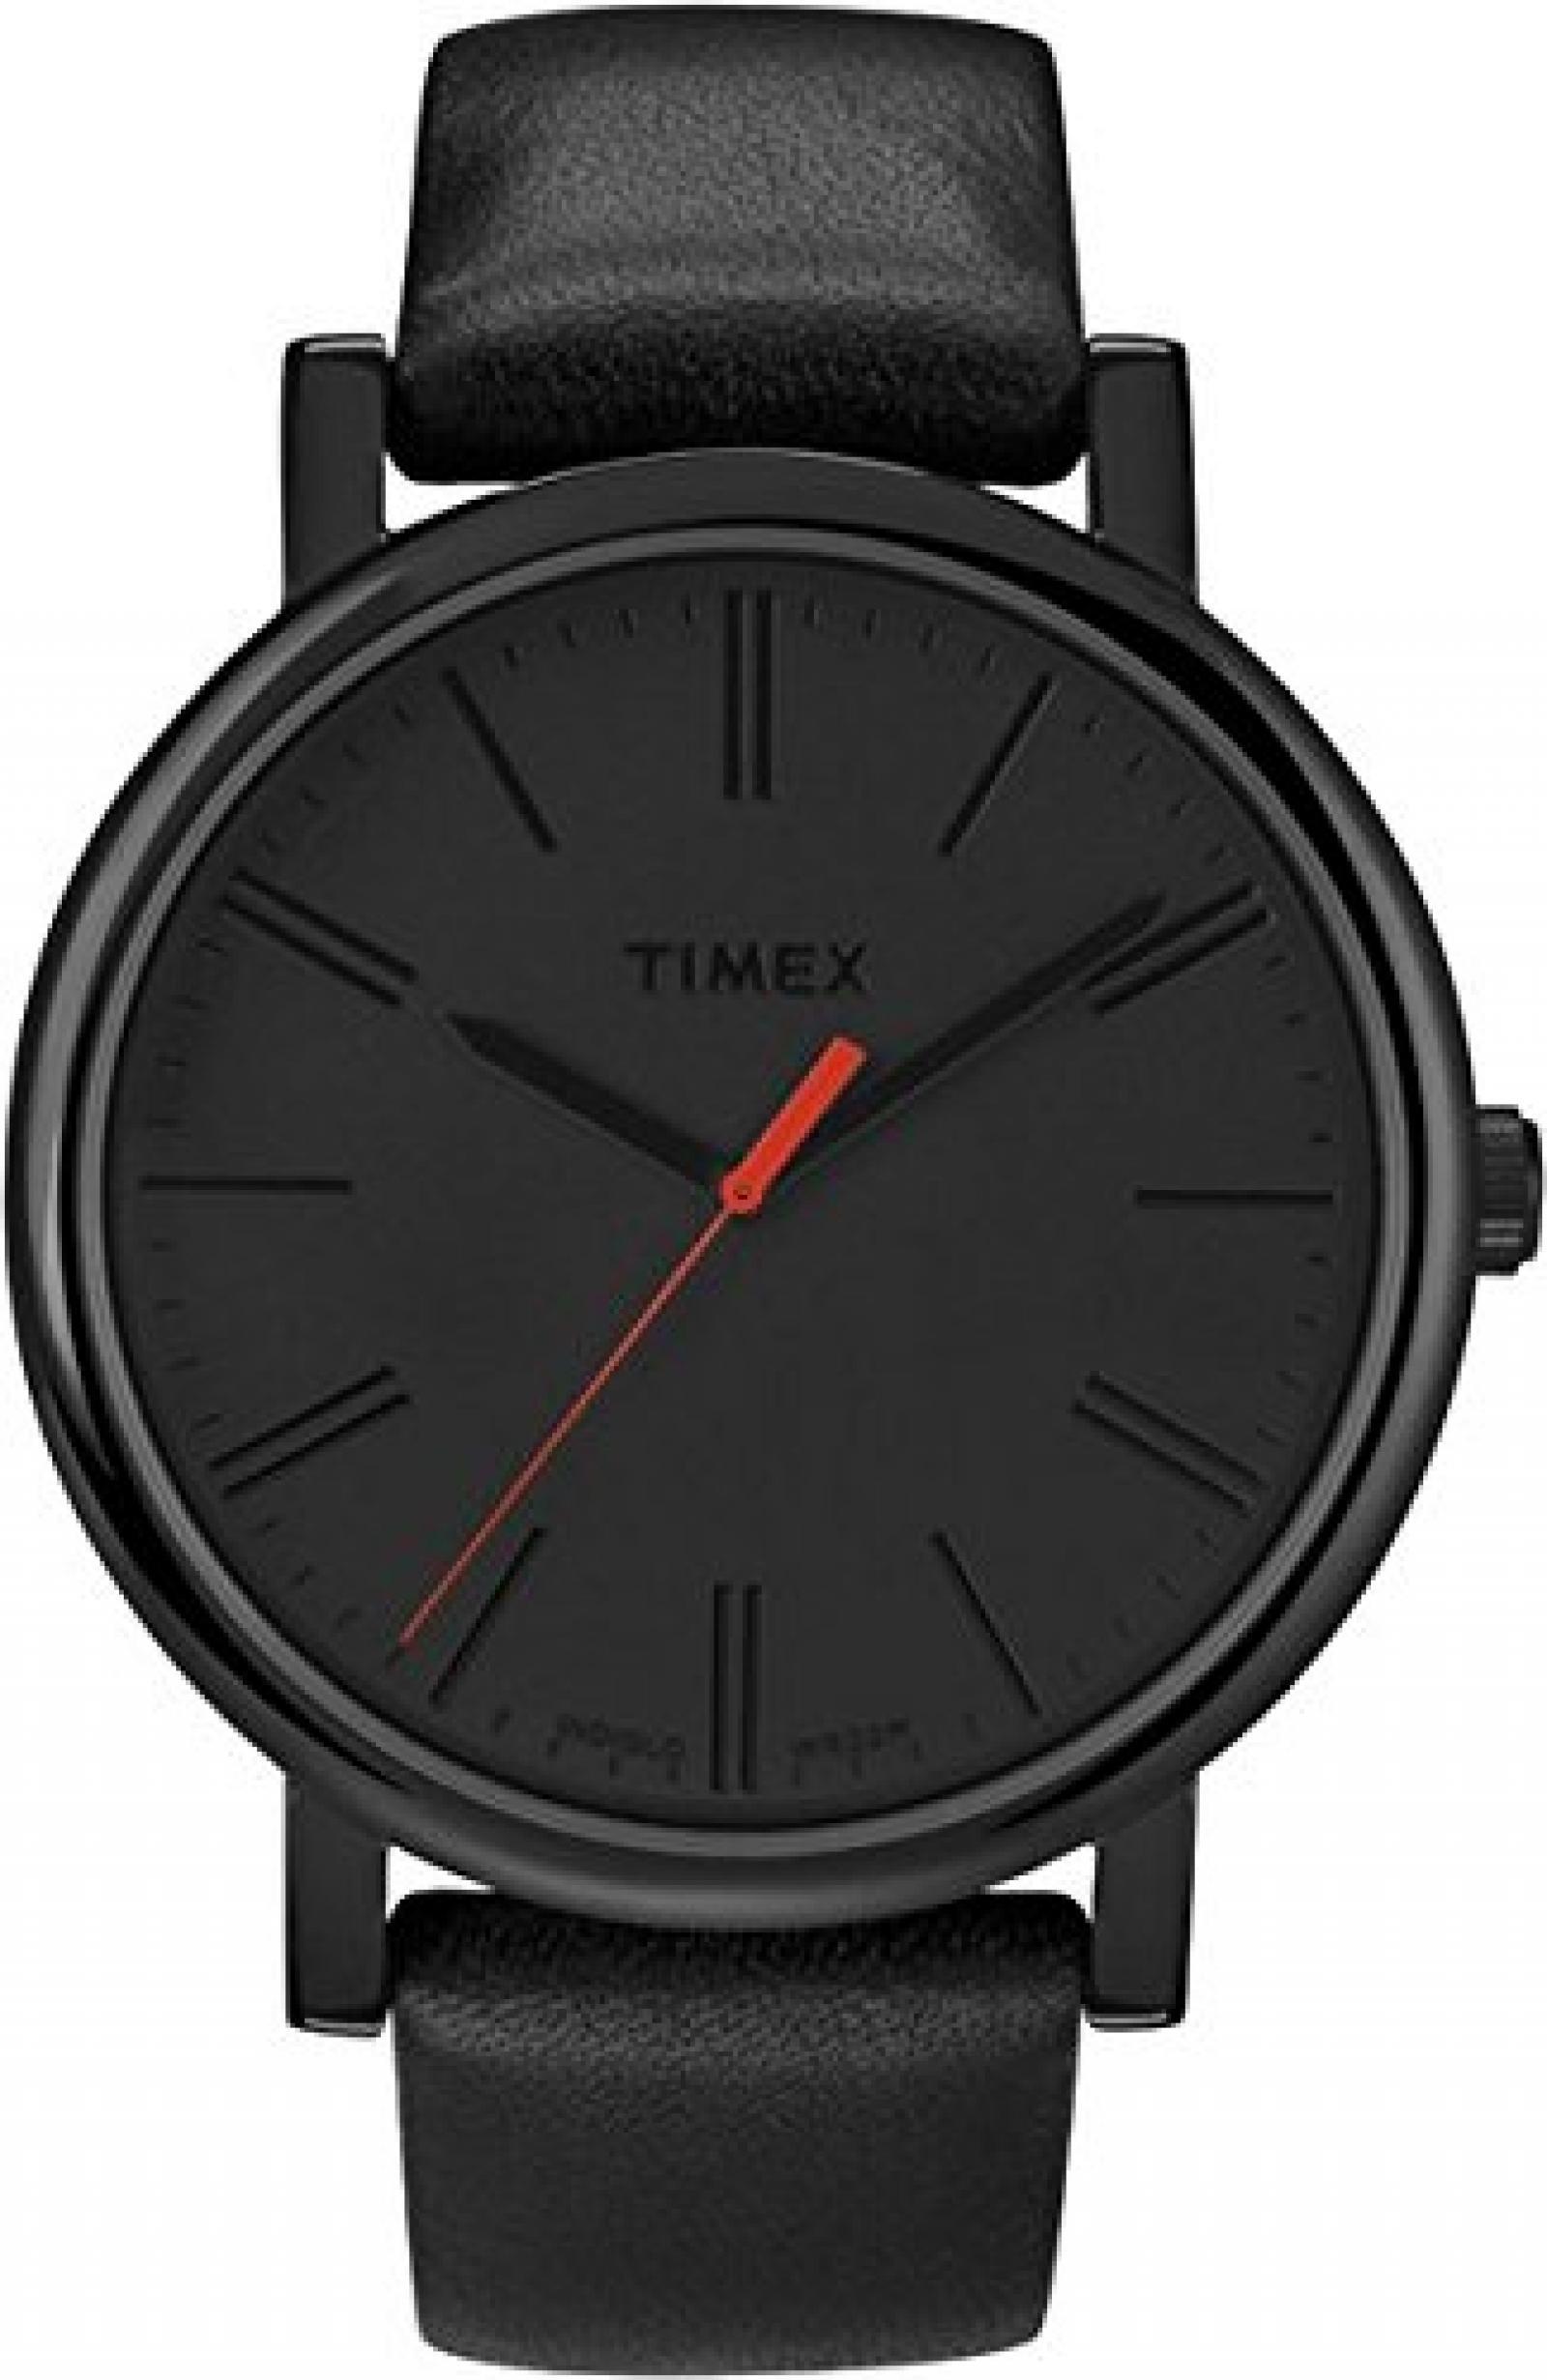 Timex Originals T2N794PF - Orologio unisex